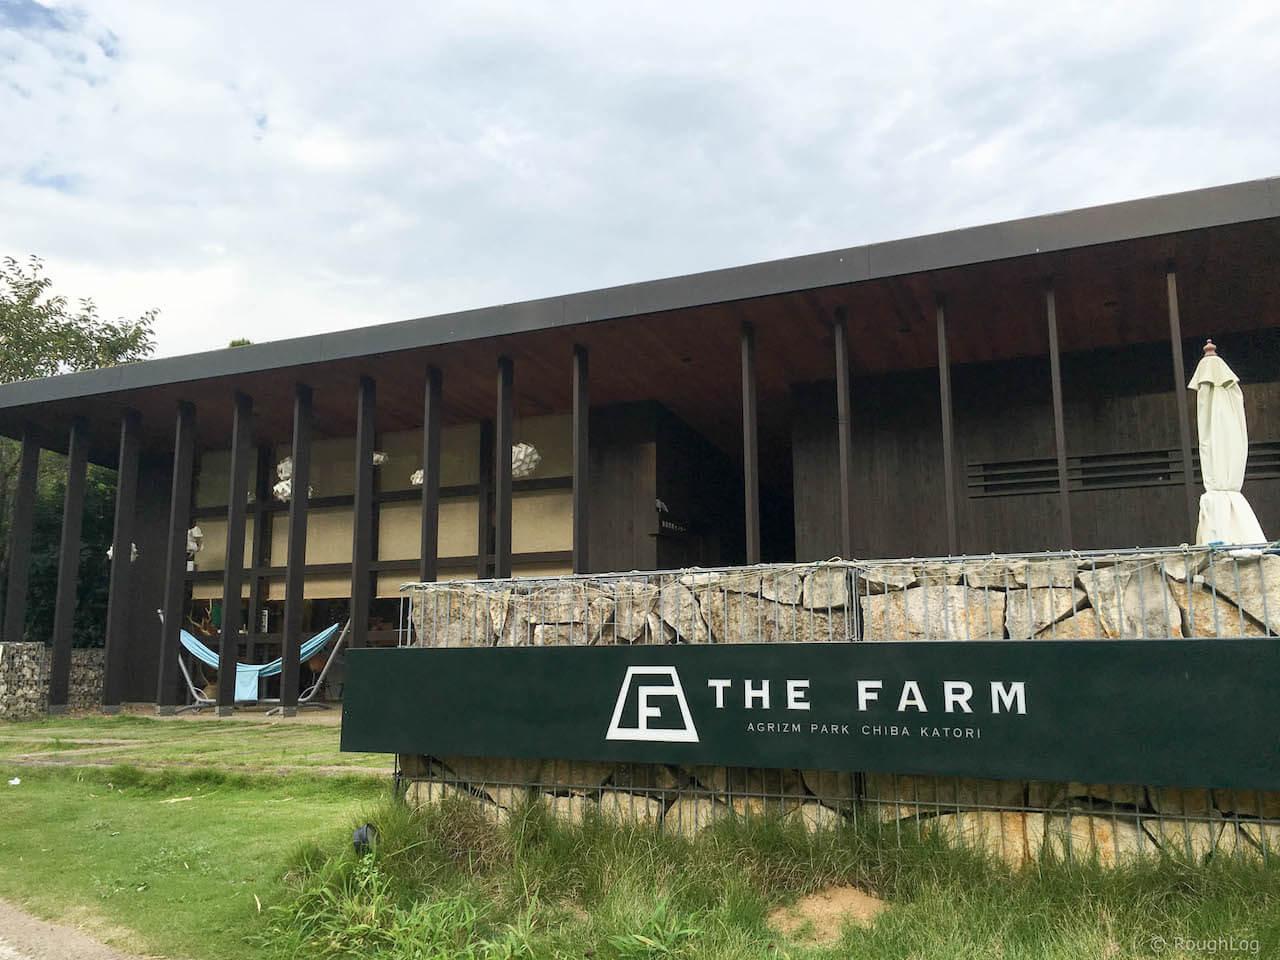 千葉県香取市の農園リゾート「THE FARM(ザ ファーム)」